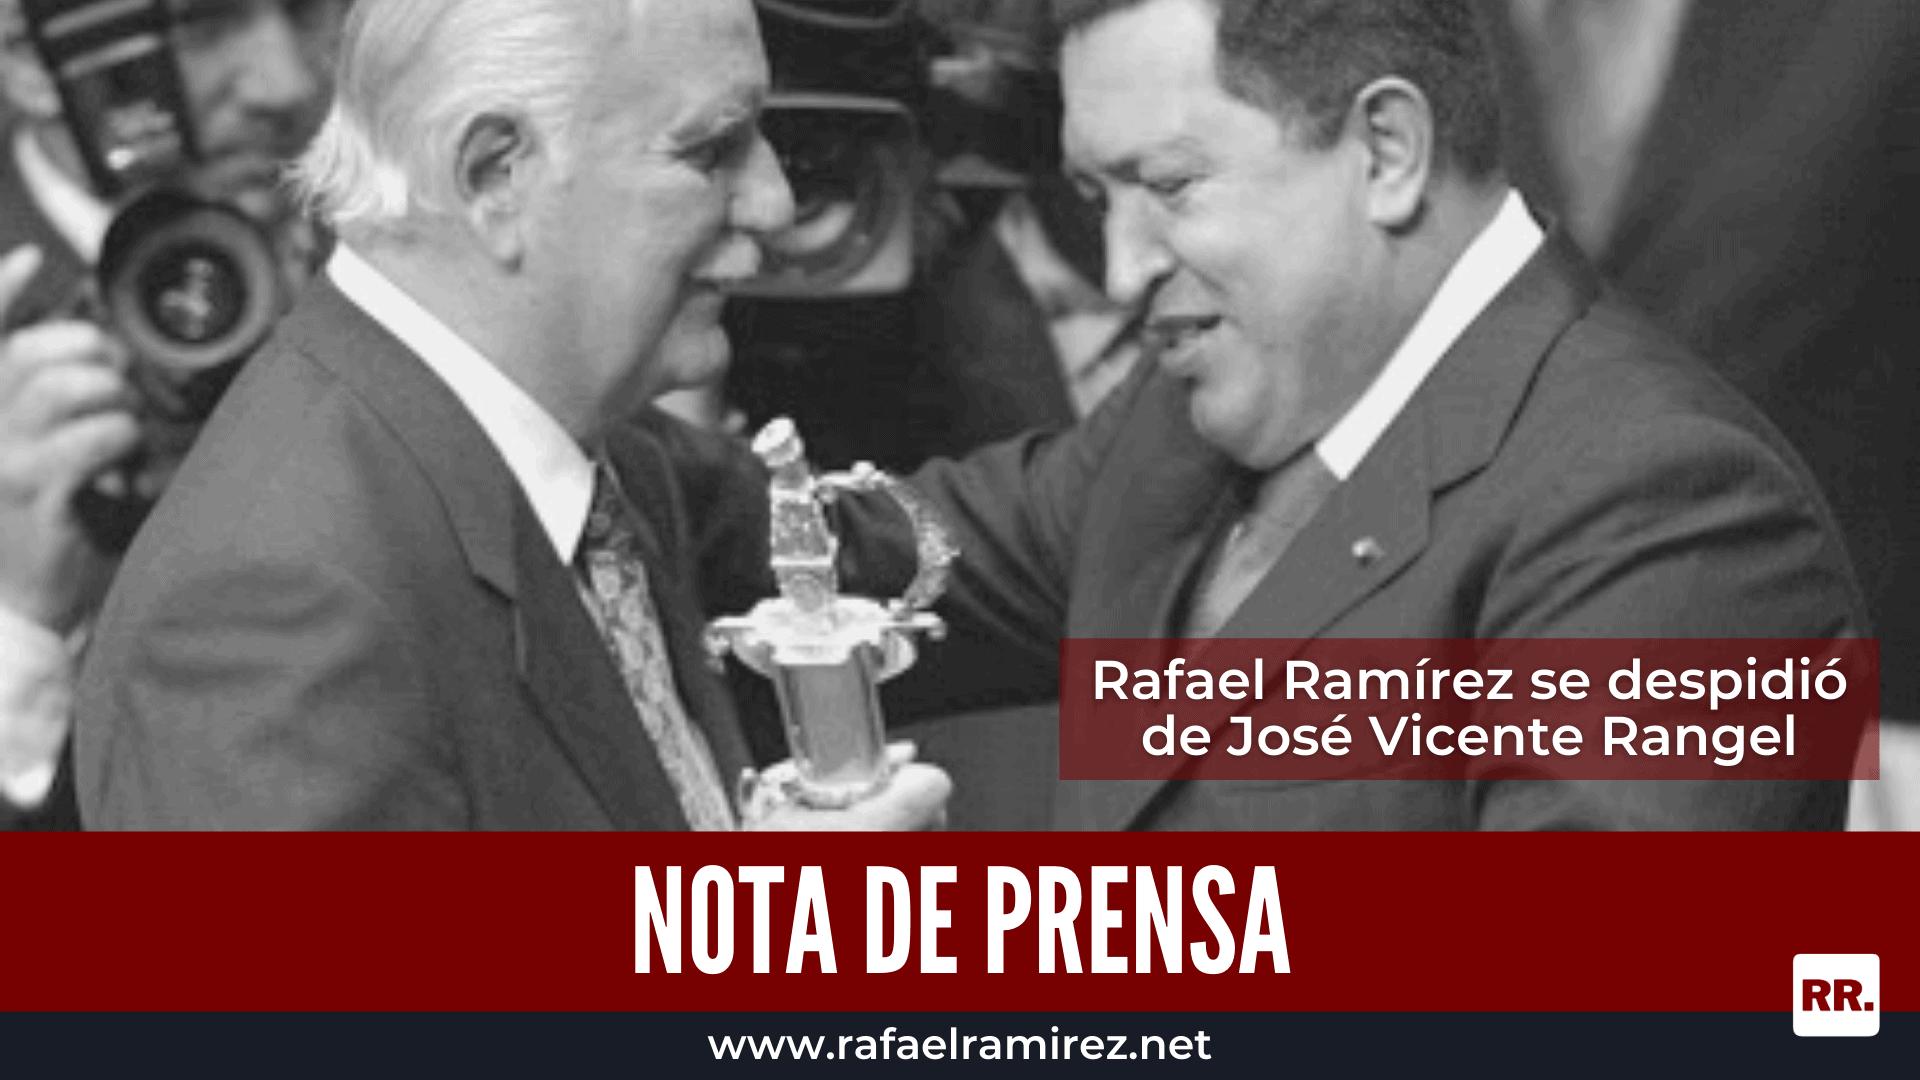 Rafael Ramírez se despidió de José Vicente Rangel